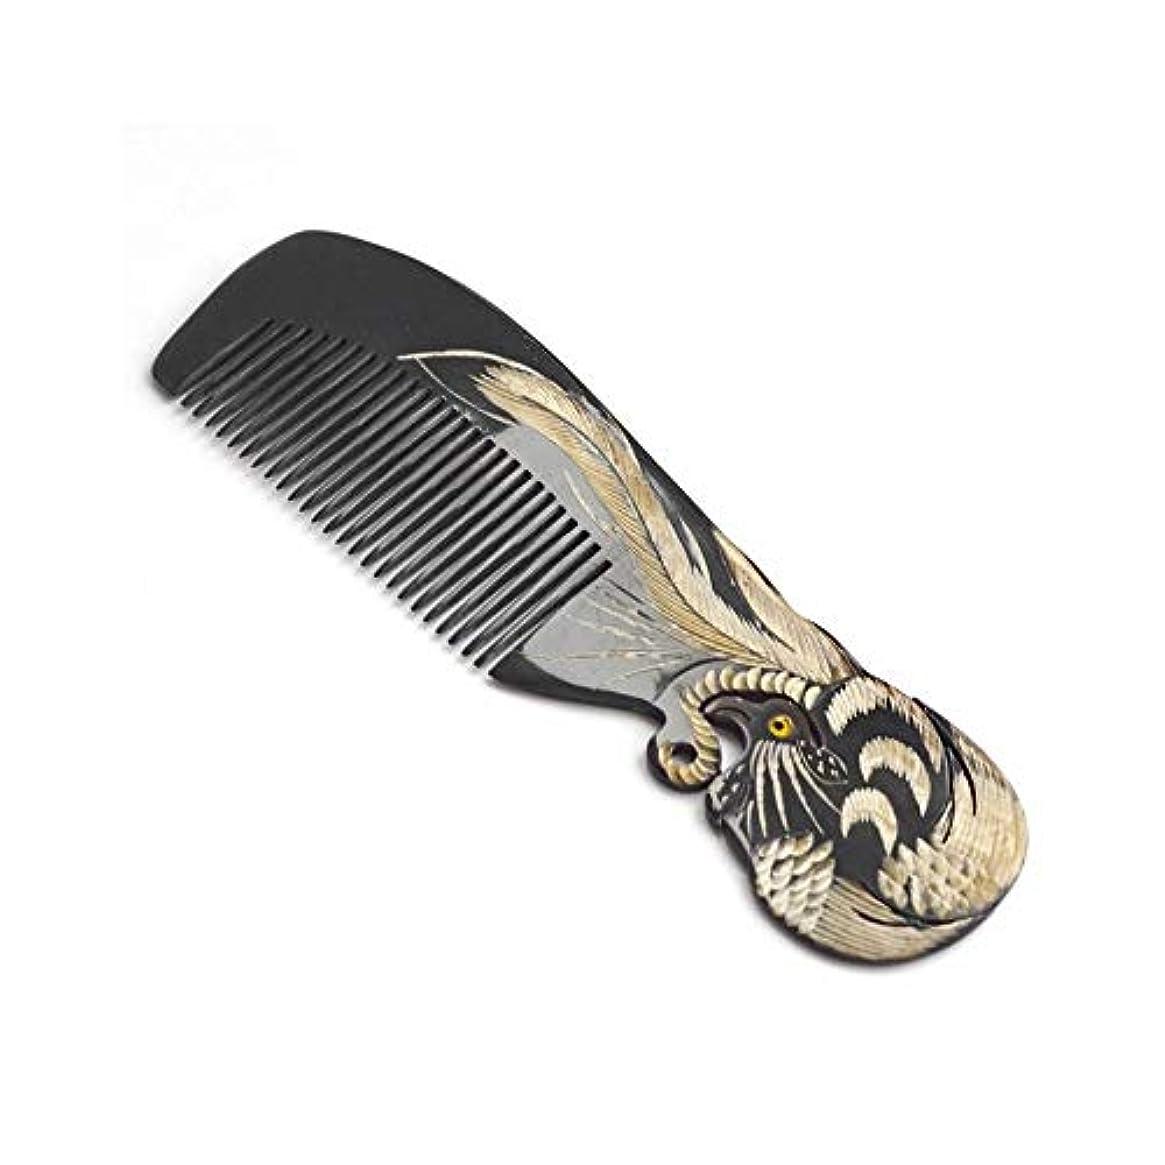 ありがたいアマゾンジャングル音ZYDP 黒髪の櫛の反静的な木の良い歯の櫛 - 天然水牛の角の櫛の孔雀のデザイン (色 : 099B)